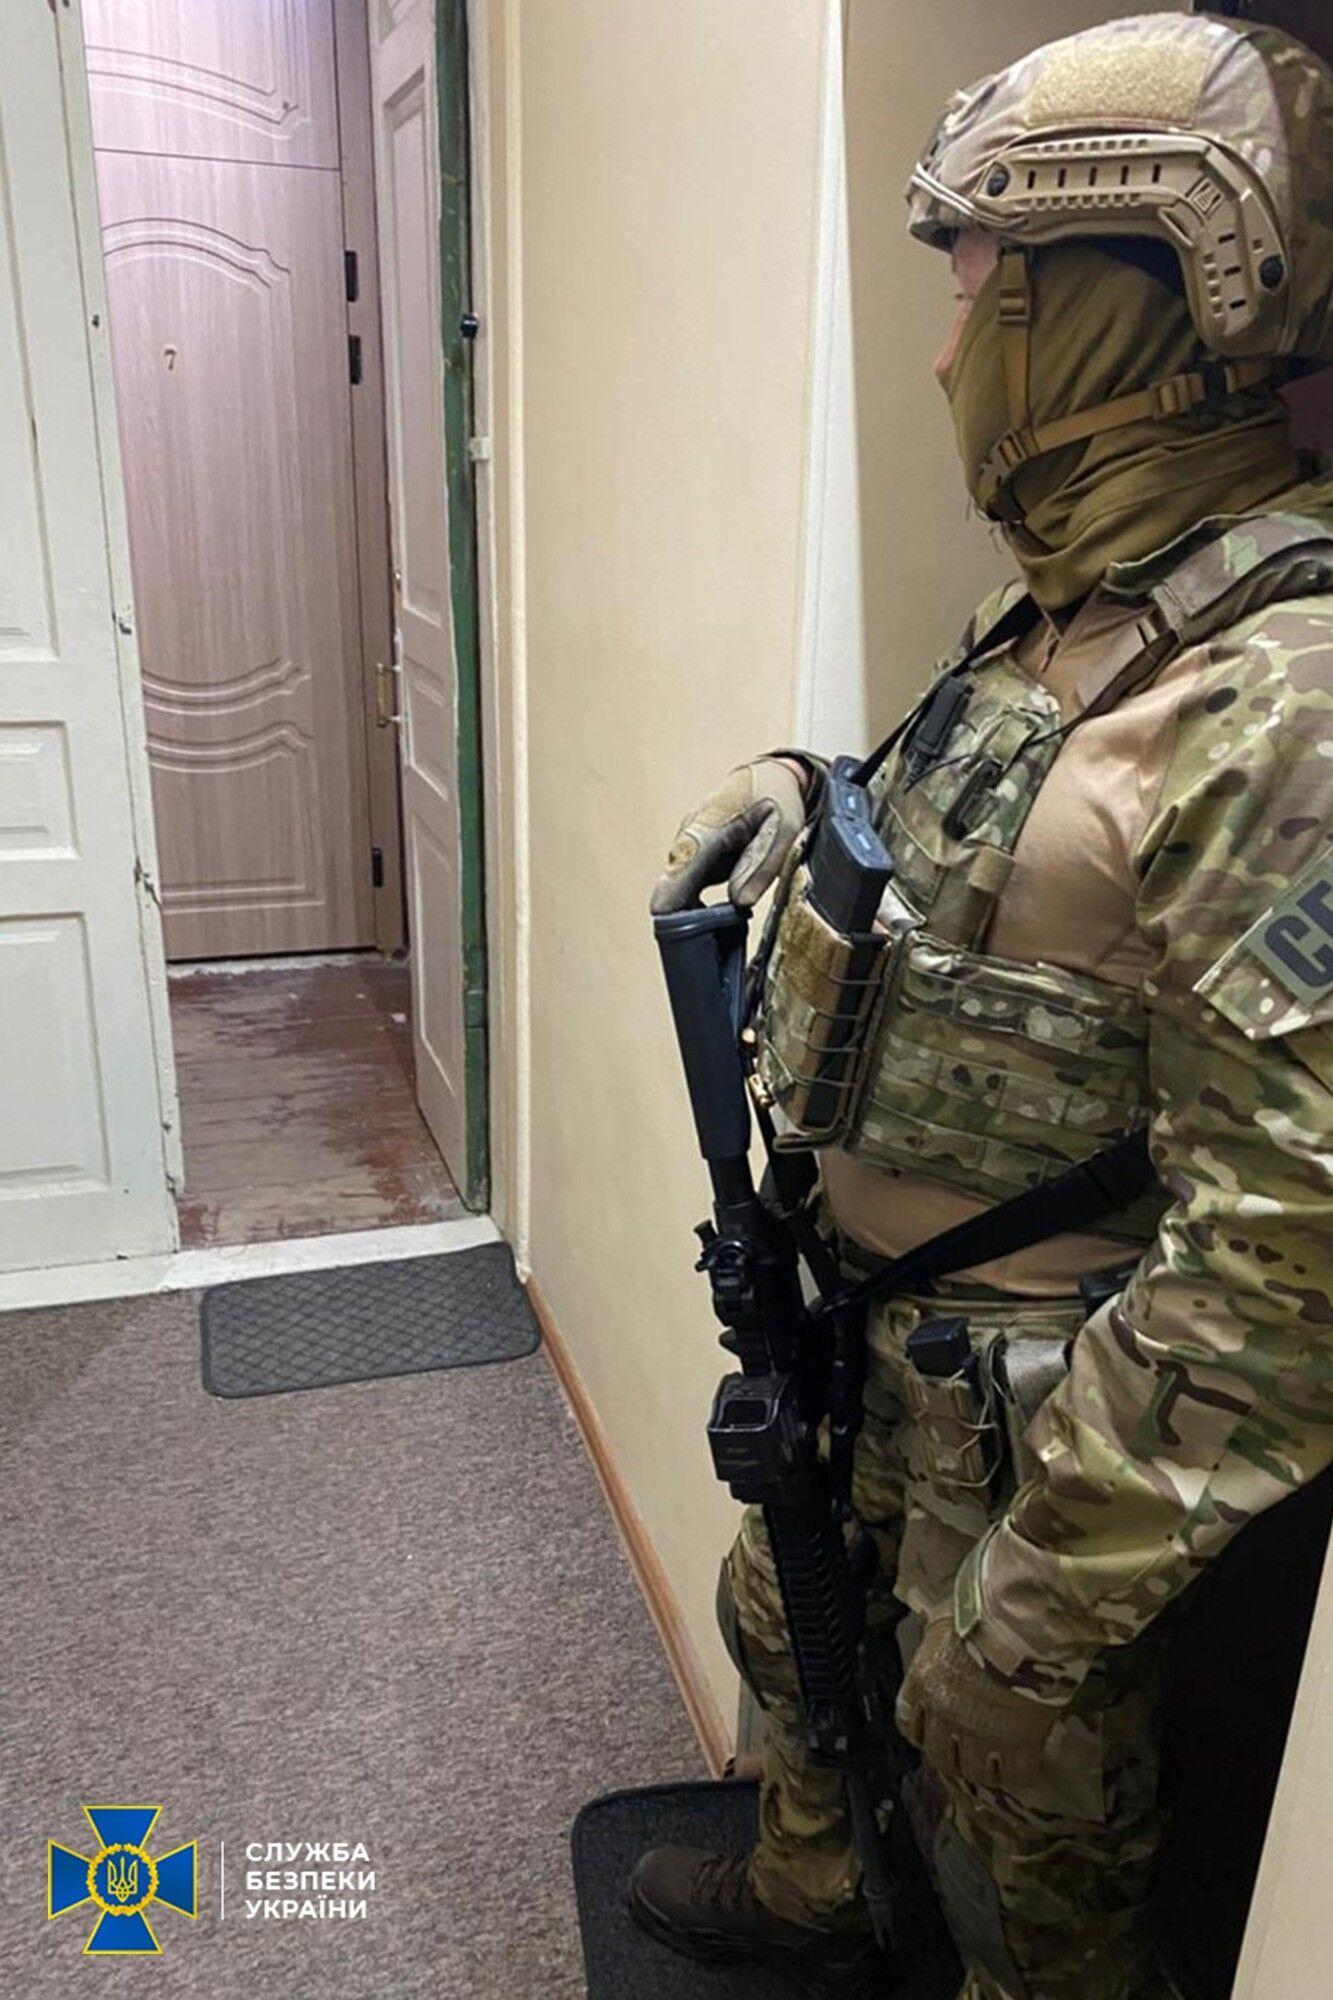 СБУ викрила схему контрабанди нафтопродуктів, якою займалися сусіди Кличка.